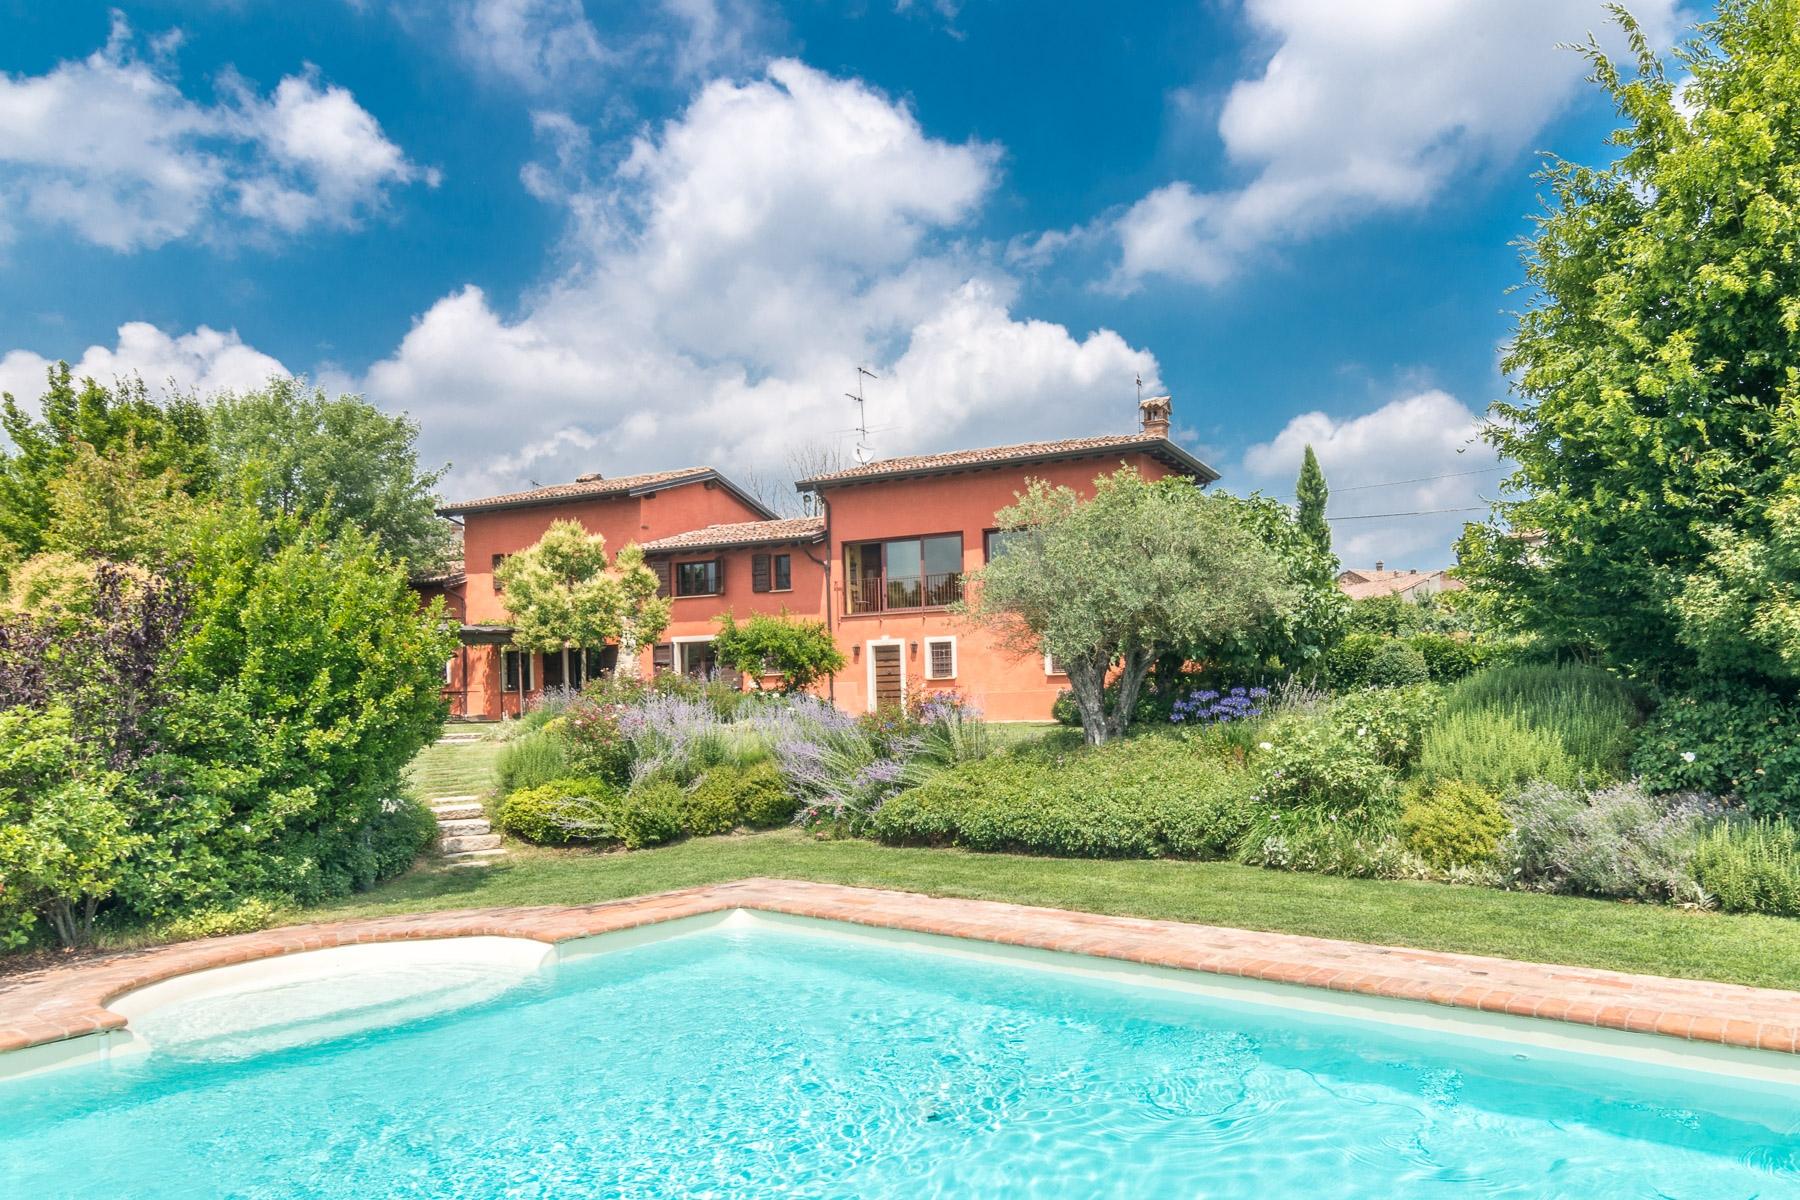 Casa indipendente in Vendita a Ziano Piacentino via montalbo